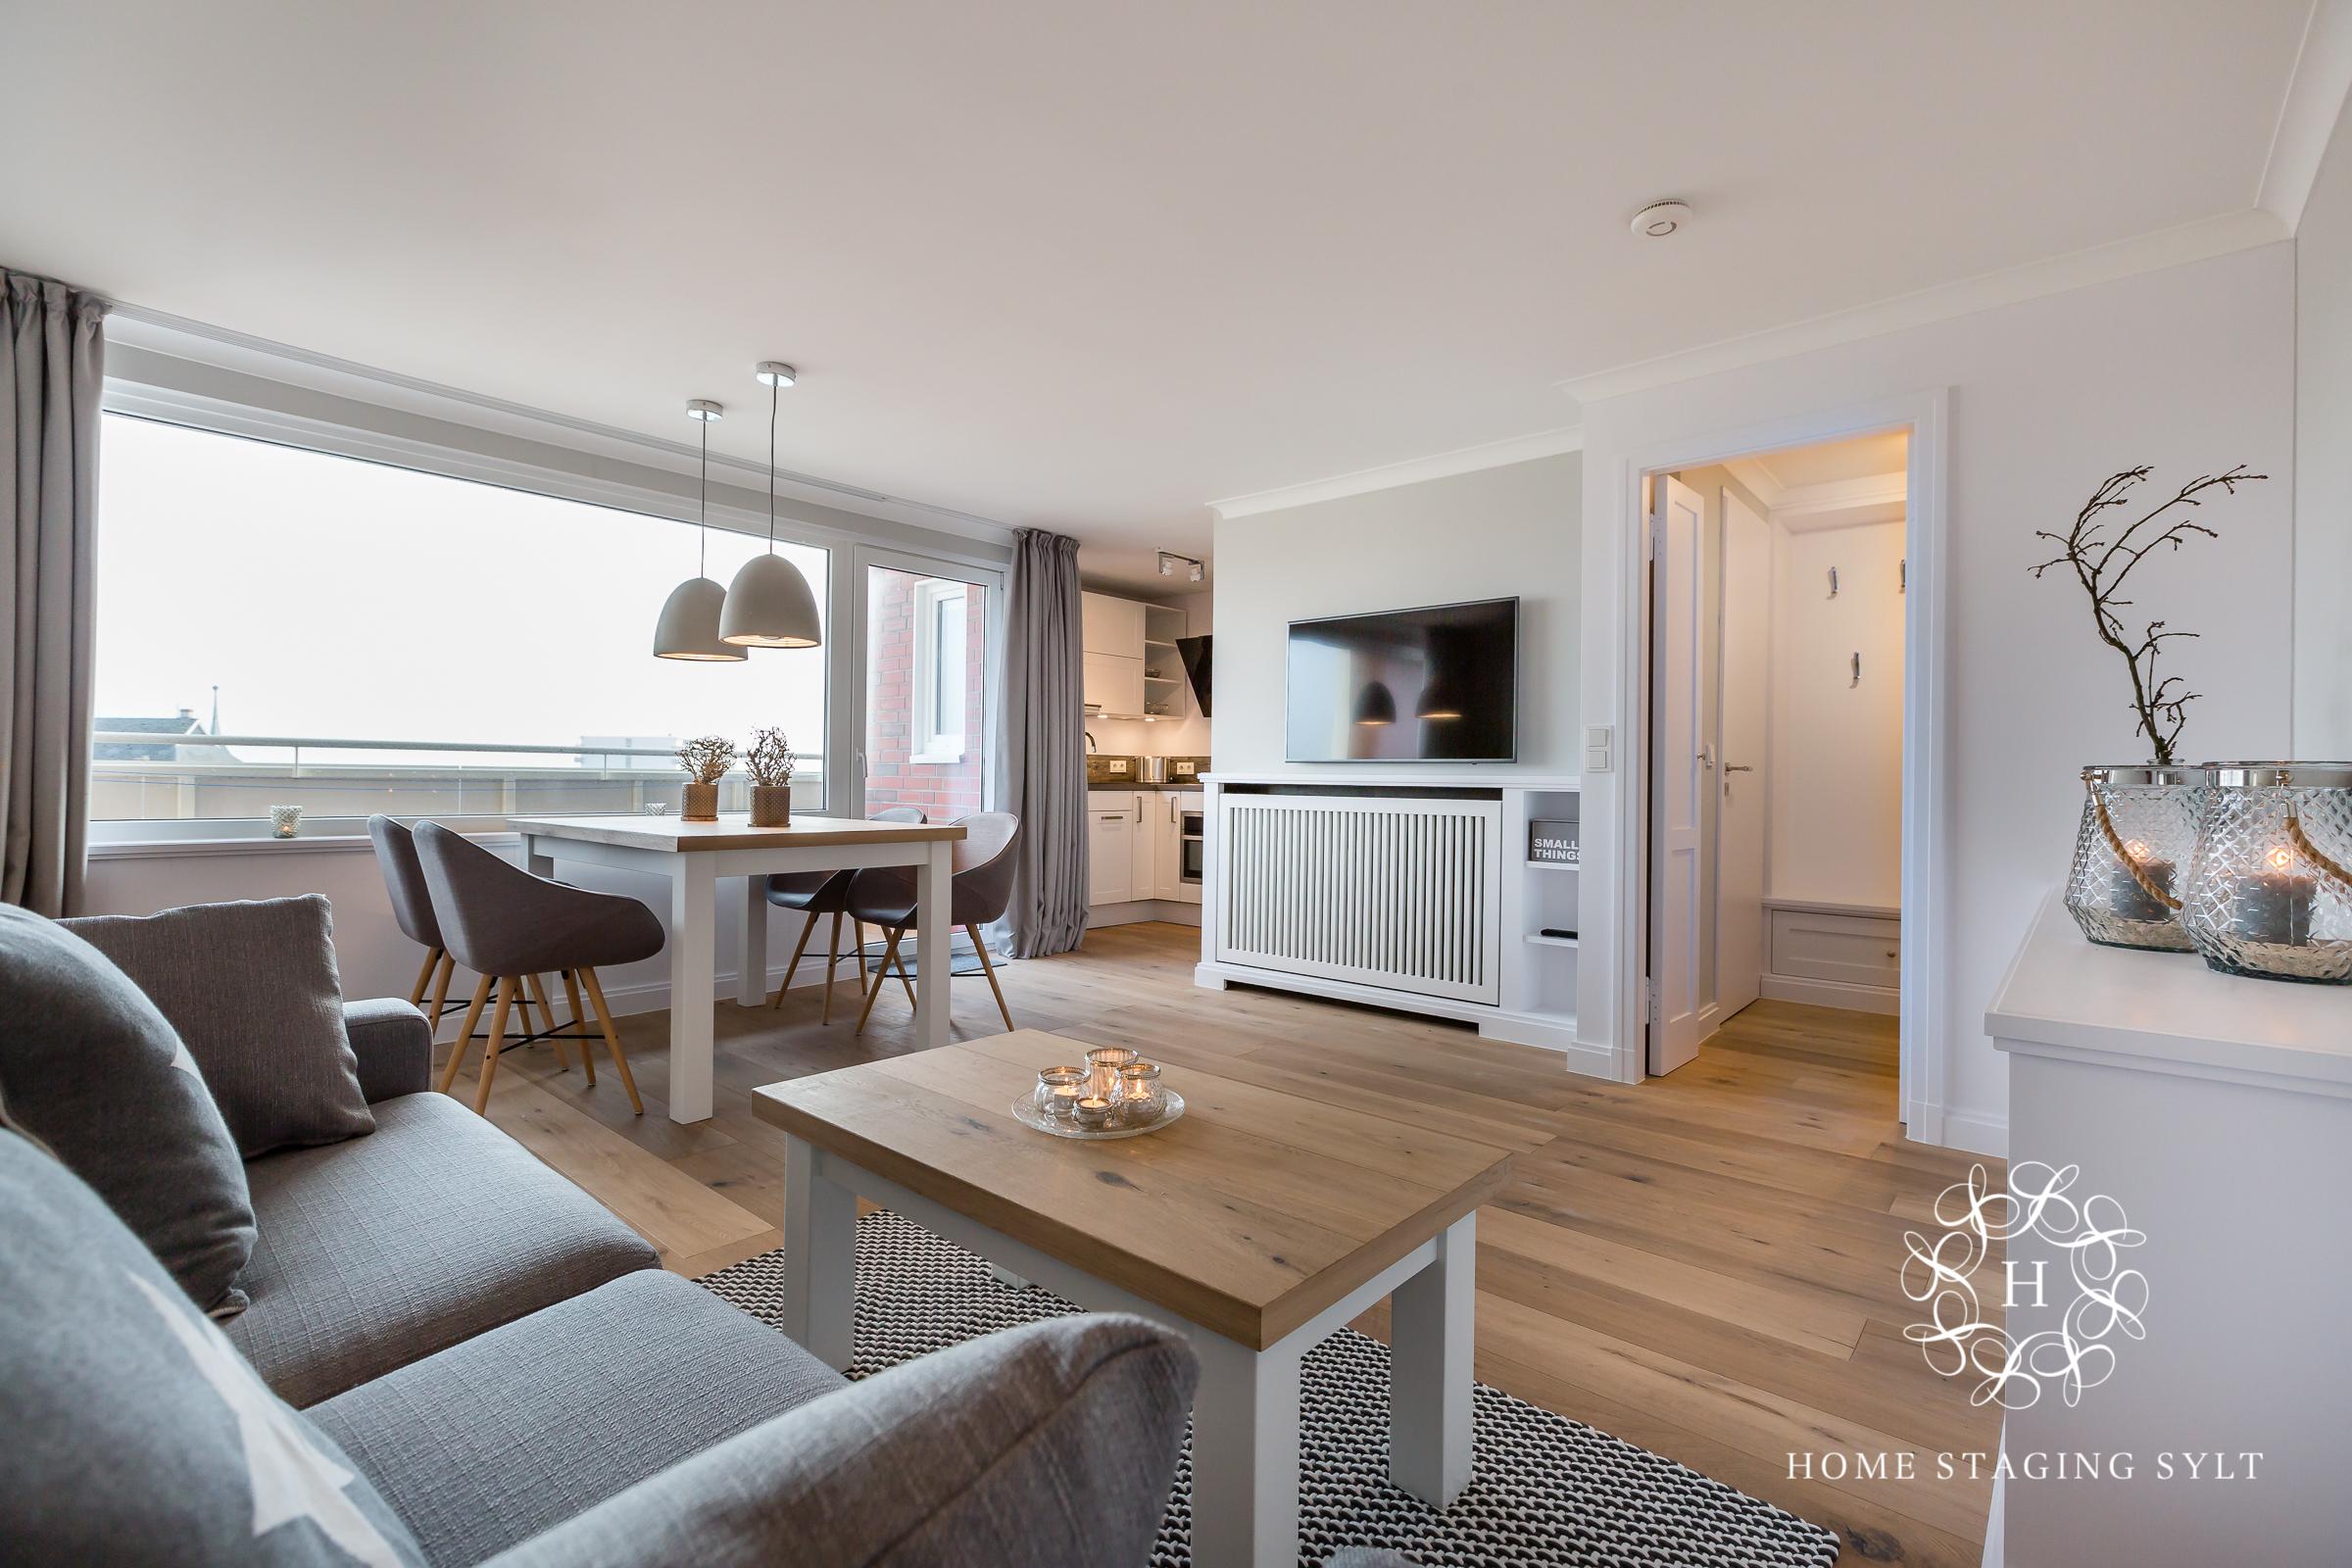 fotos einer privaten ferienwohnung in westerland auf sylt immofoto sylt. Black Bedroom Furniture Sets. Home Design Ideas